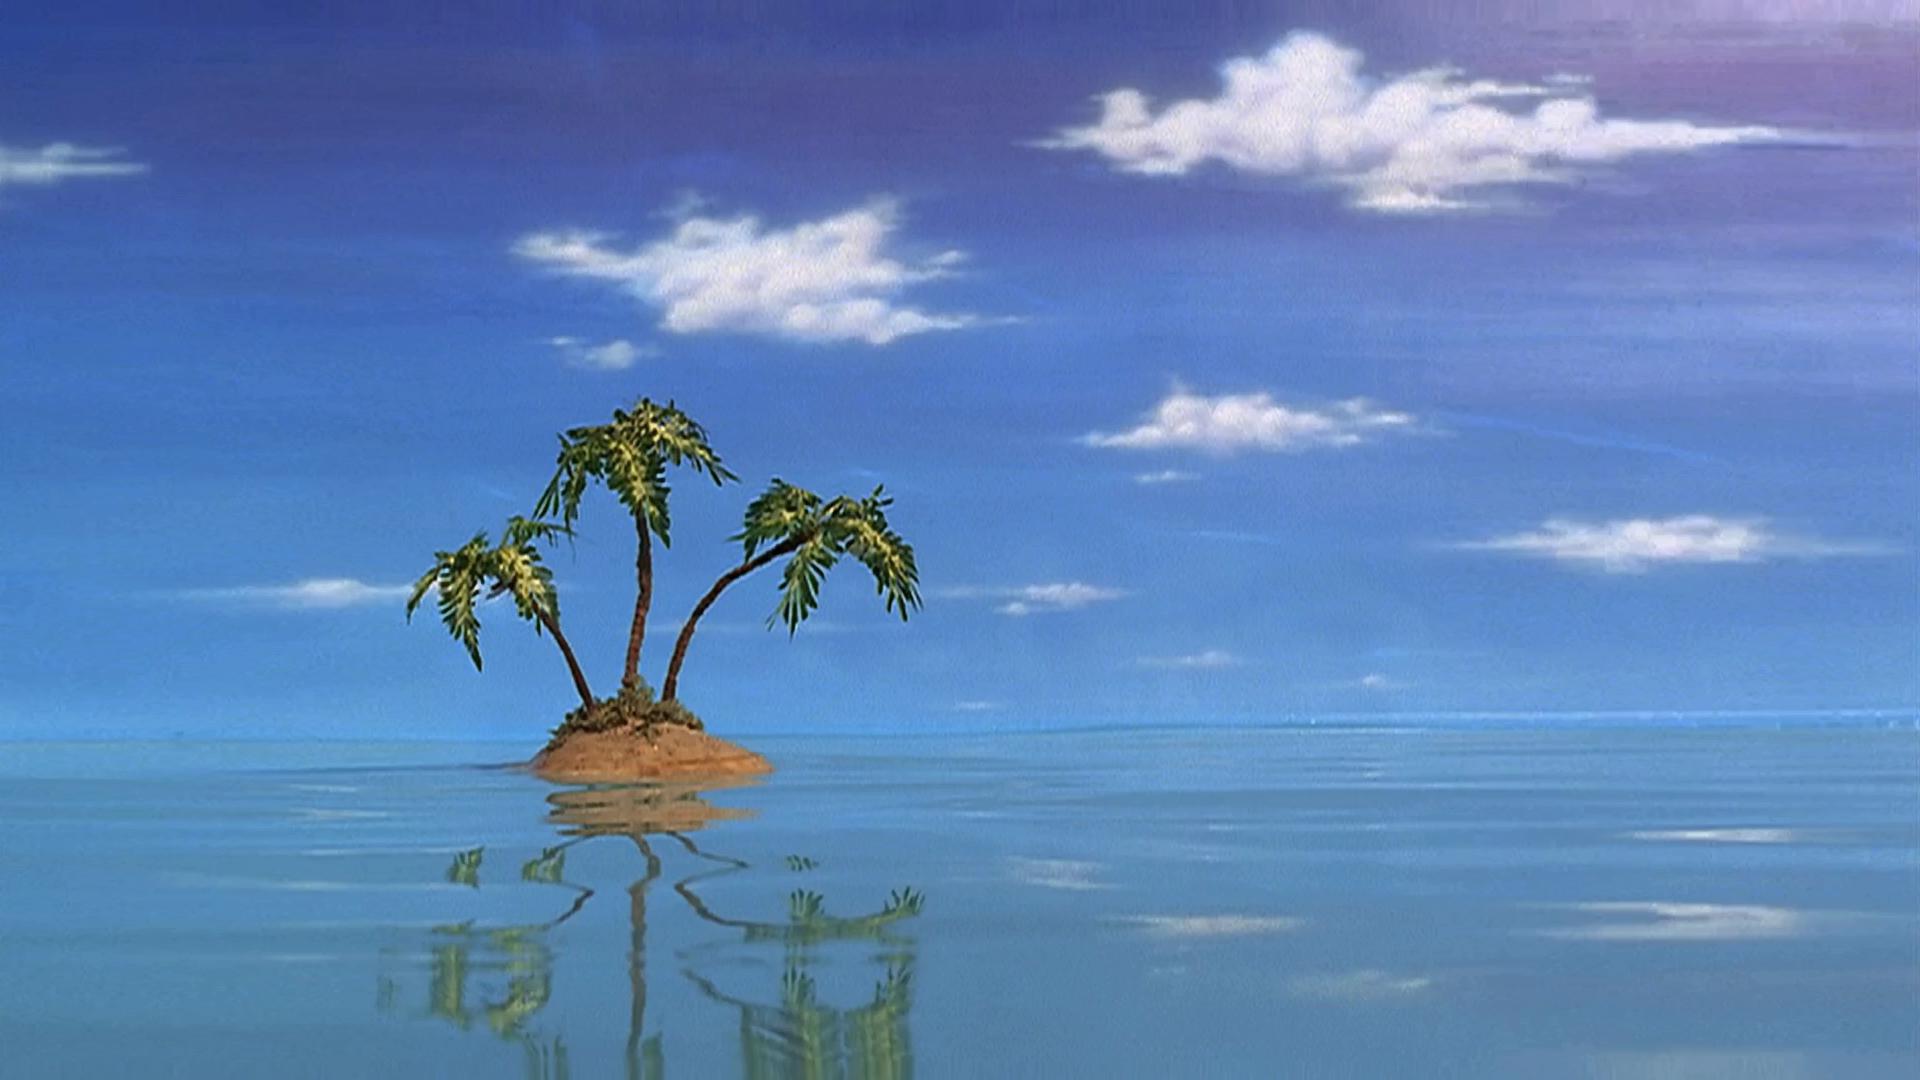 Bikini island nuclear